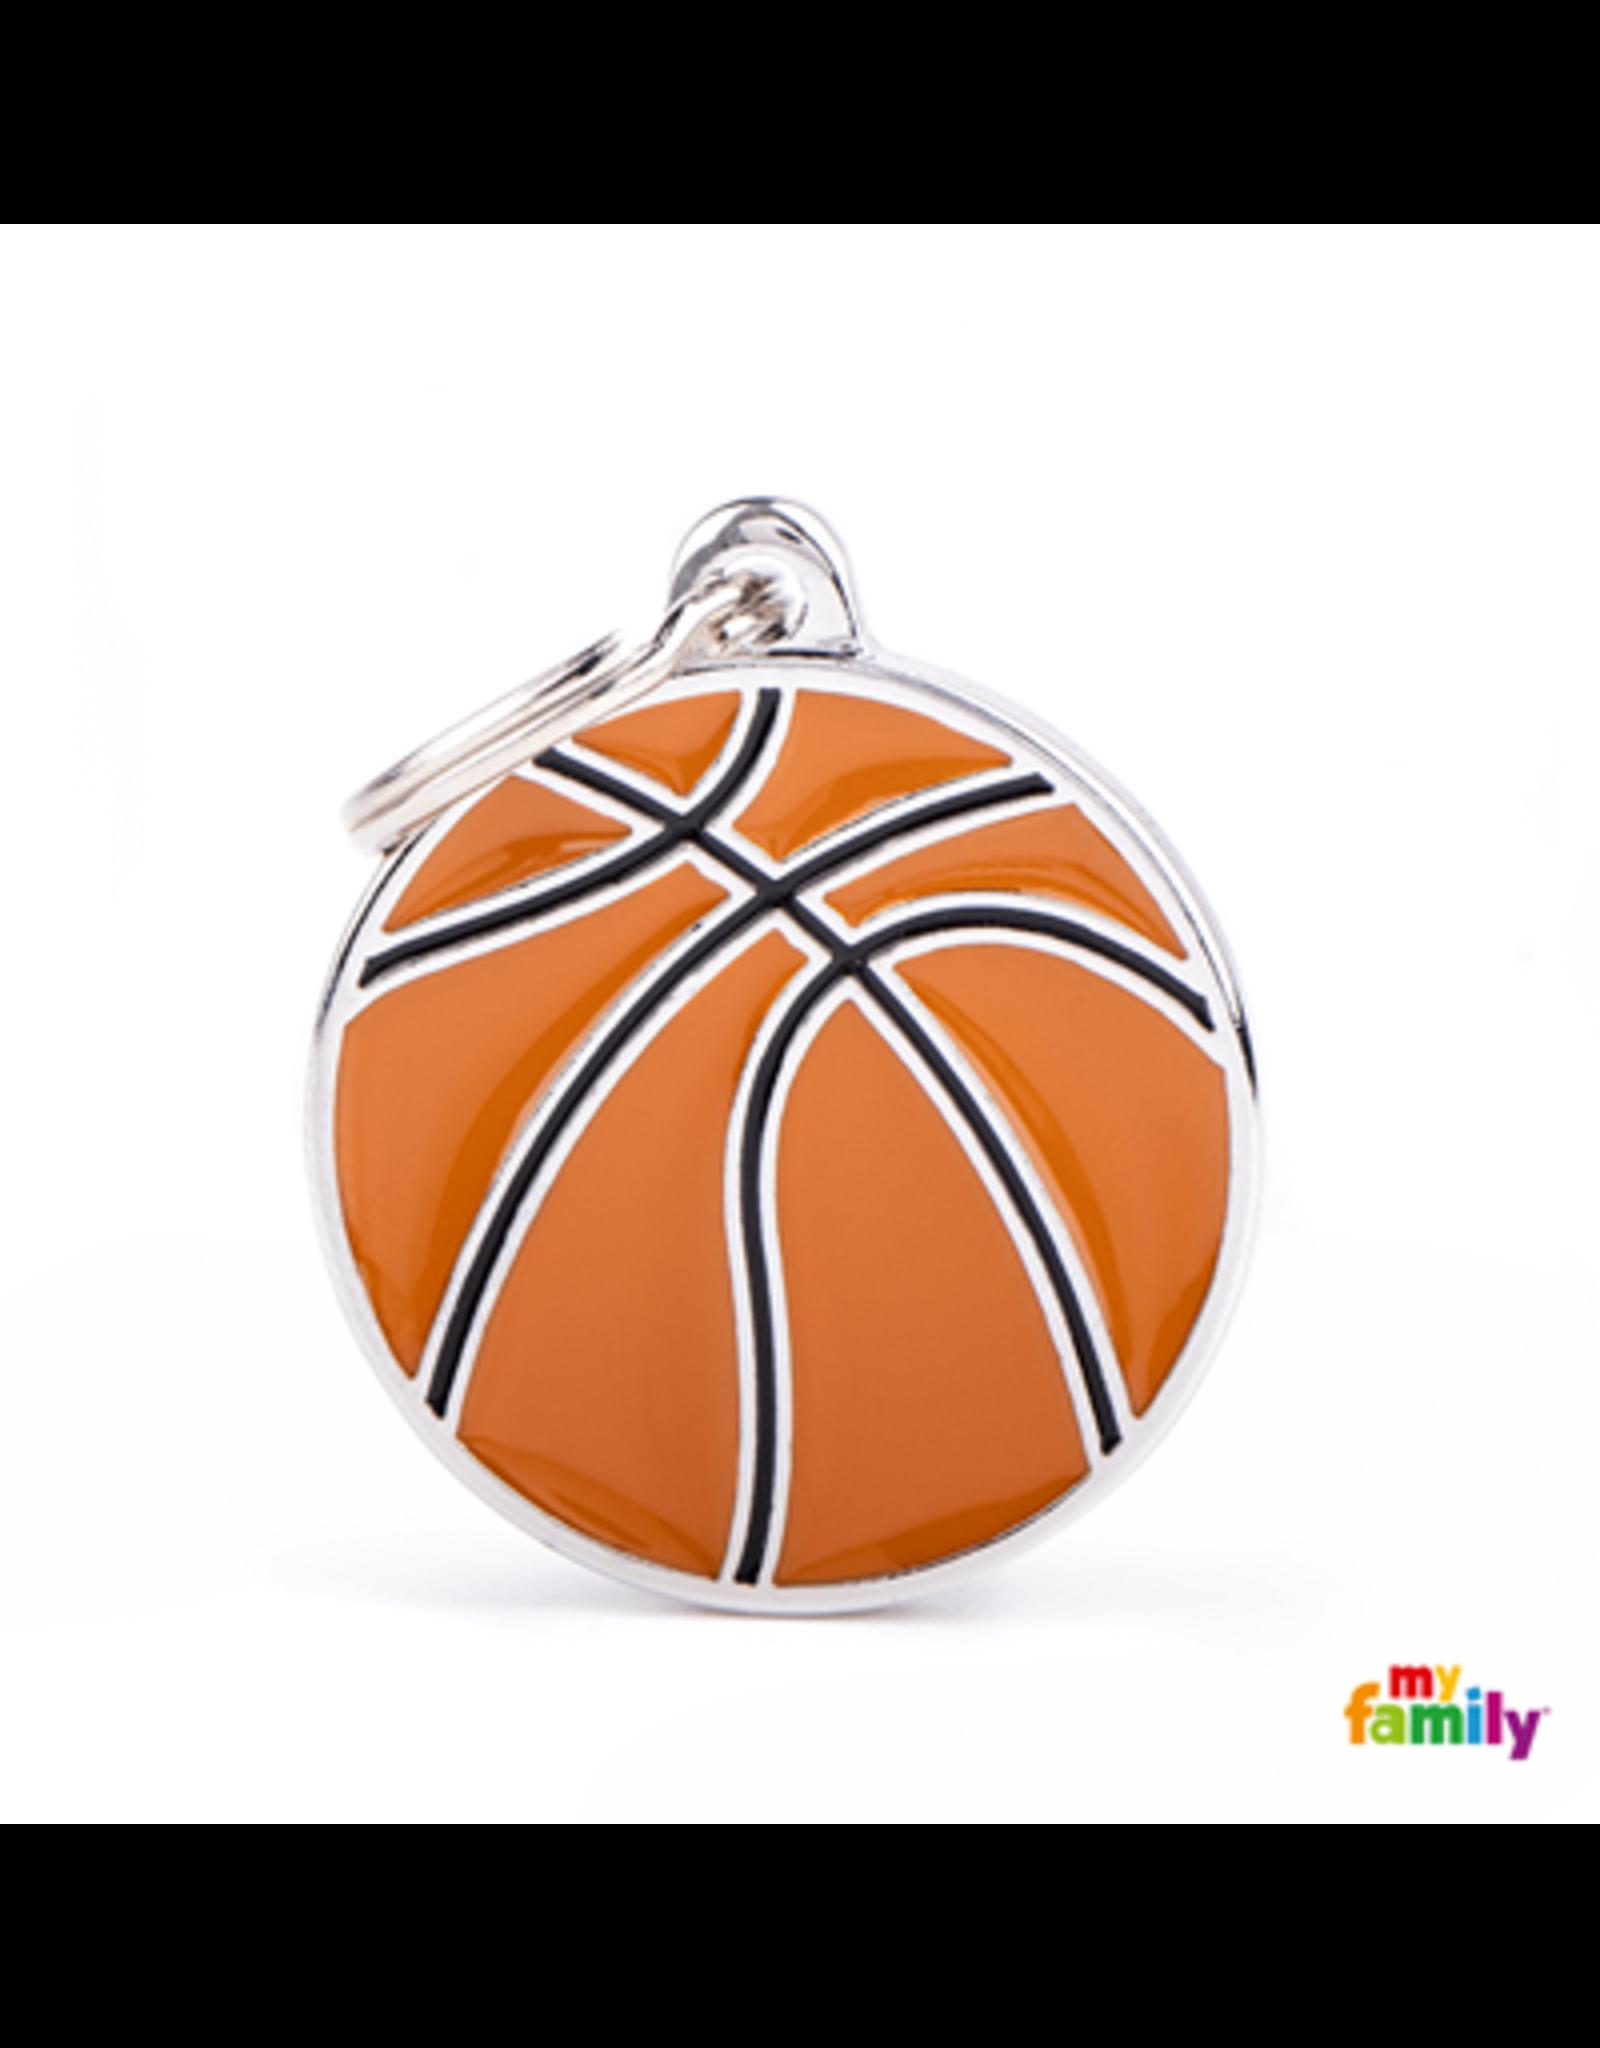 MyFamily Tag - Basketball